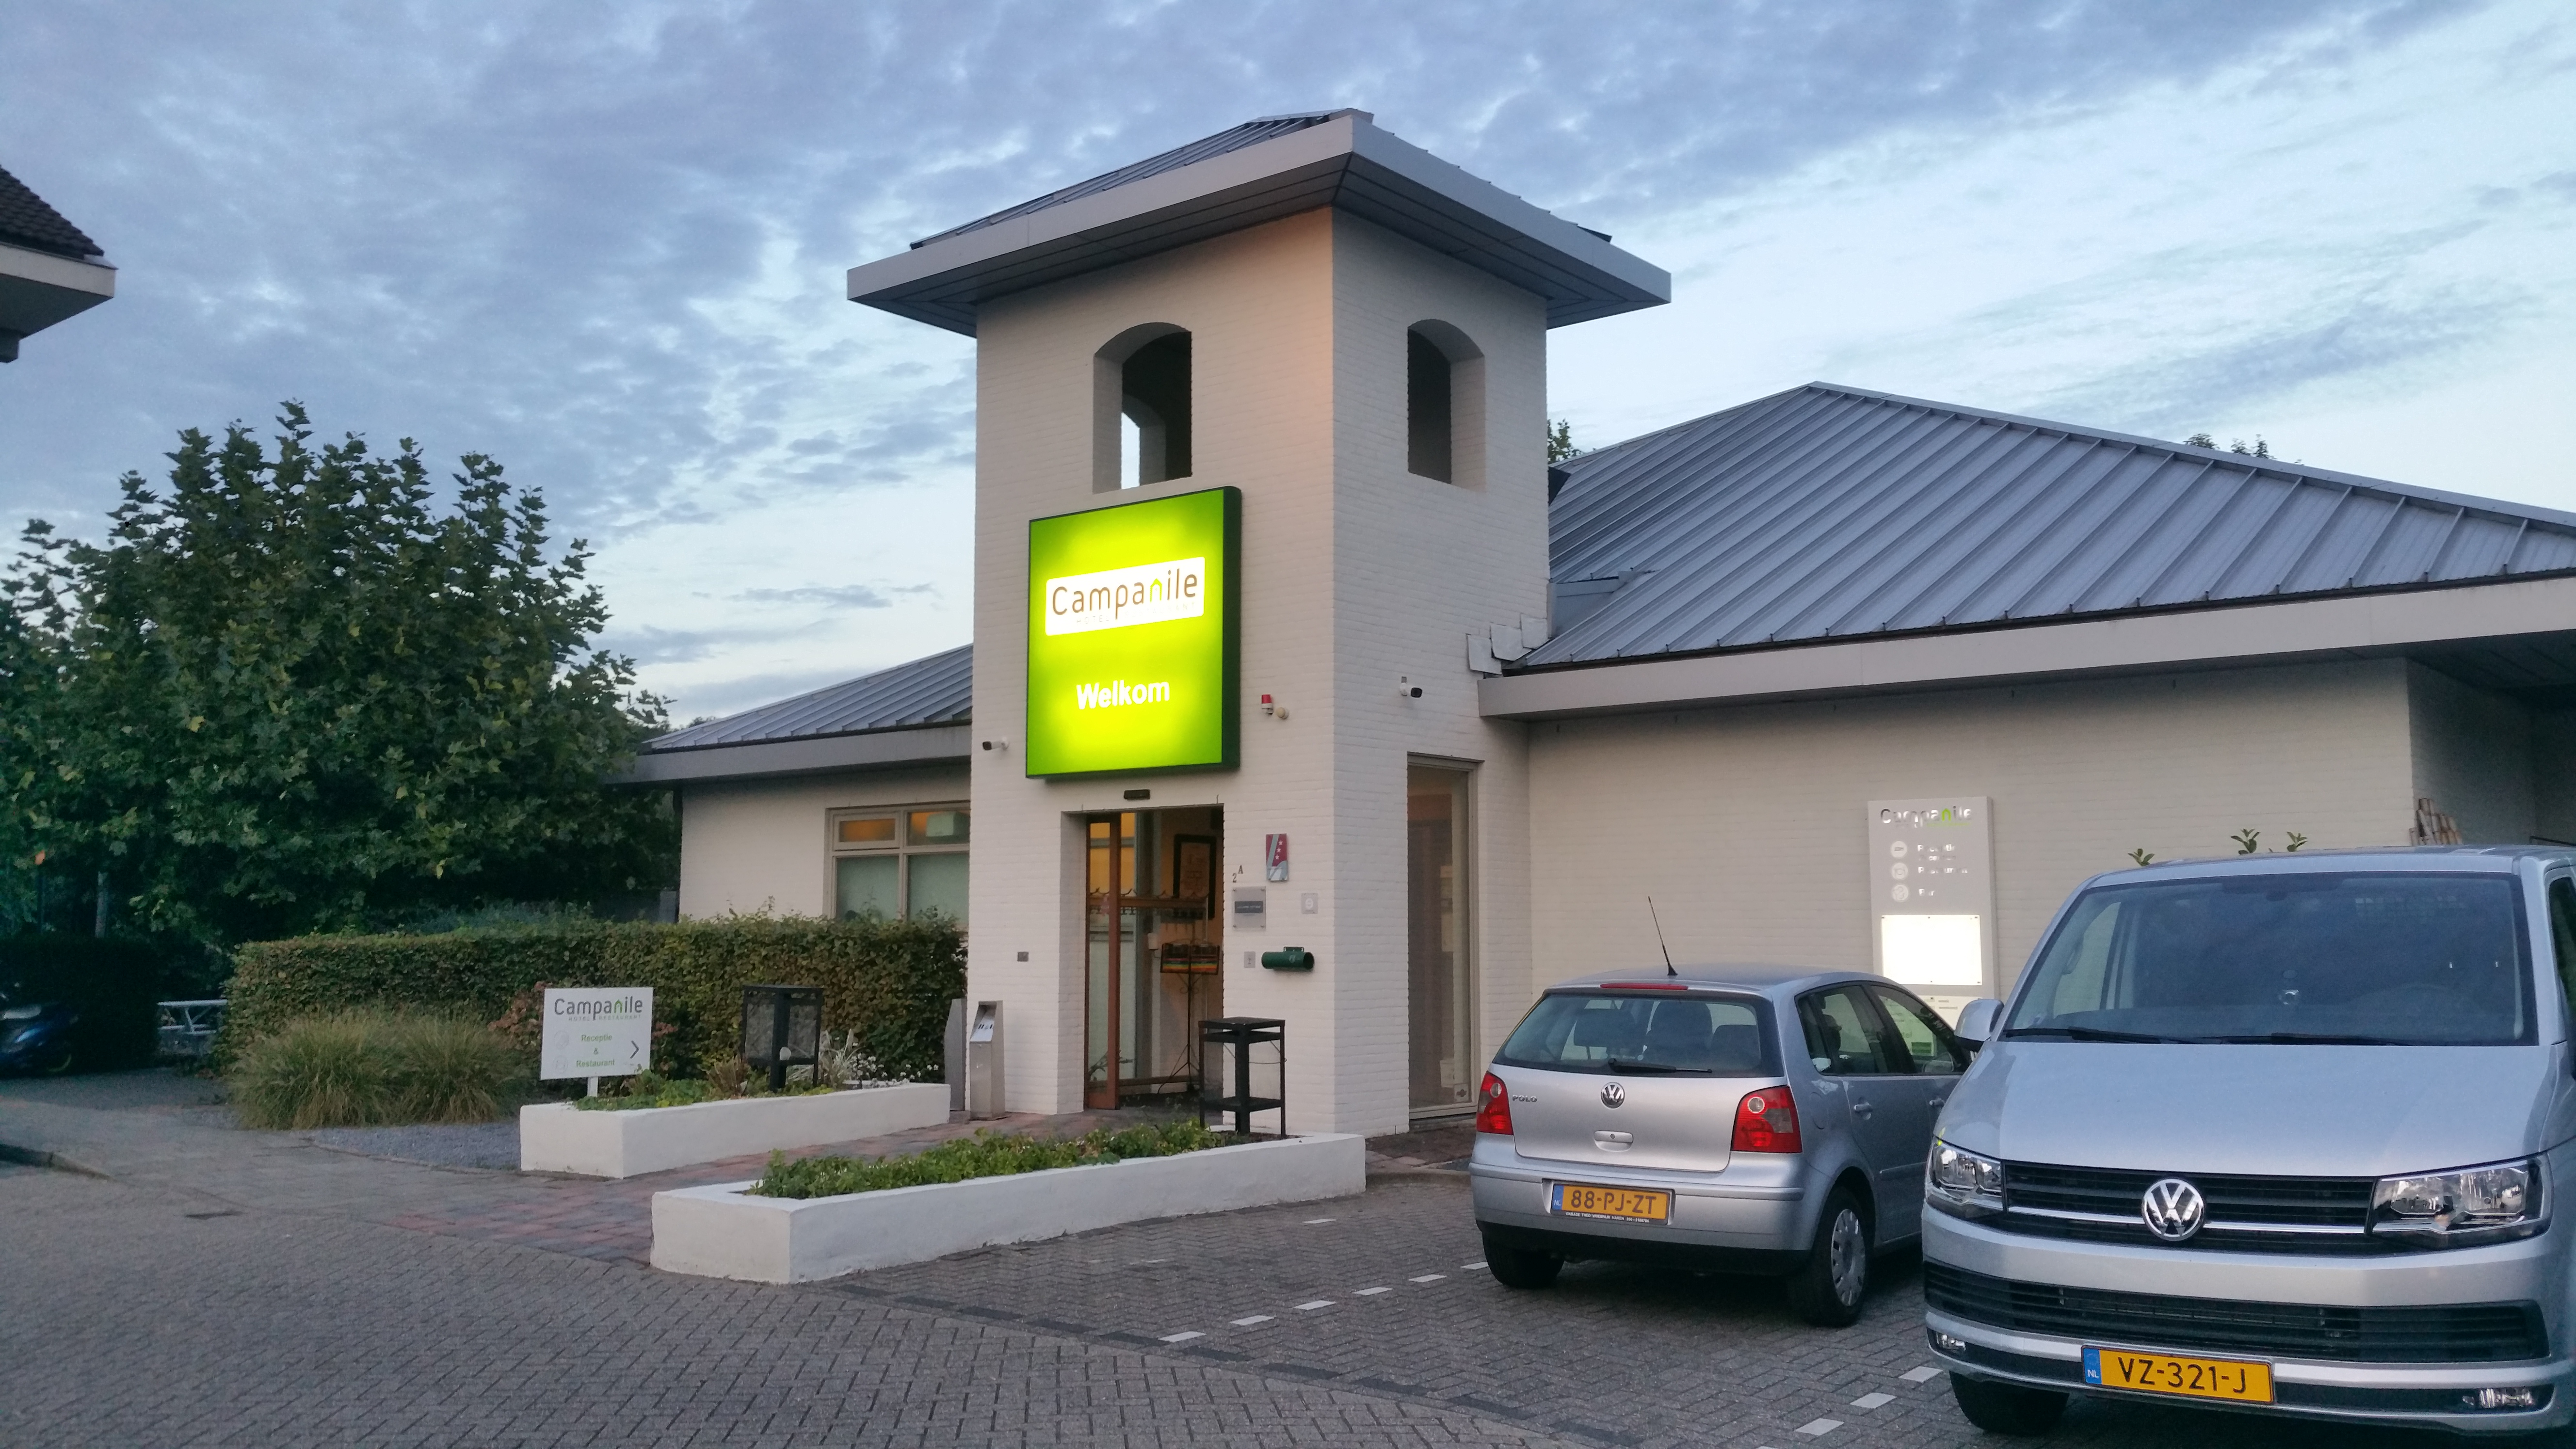 Campanile Hotel Zevenaar - Arnhem, Zevenaar